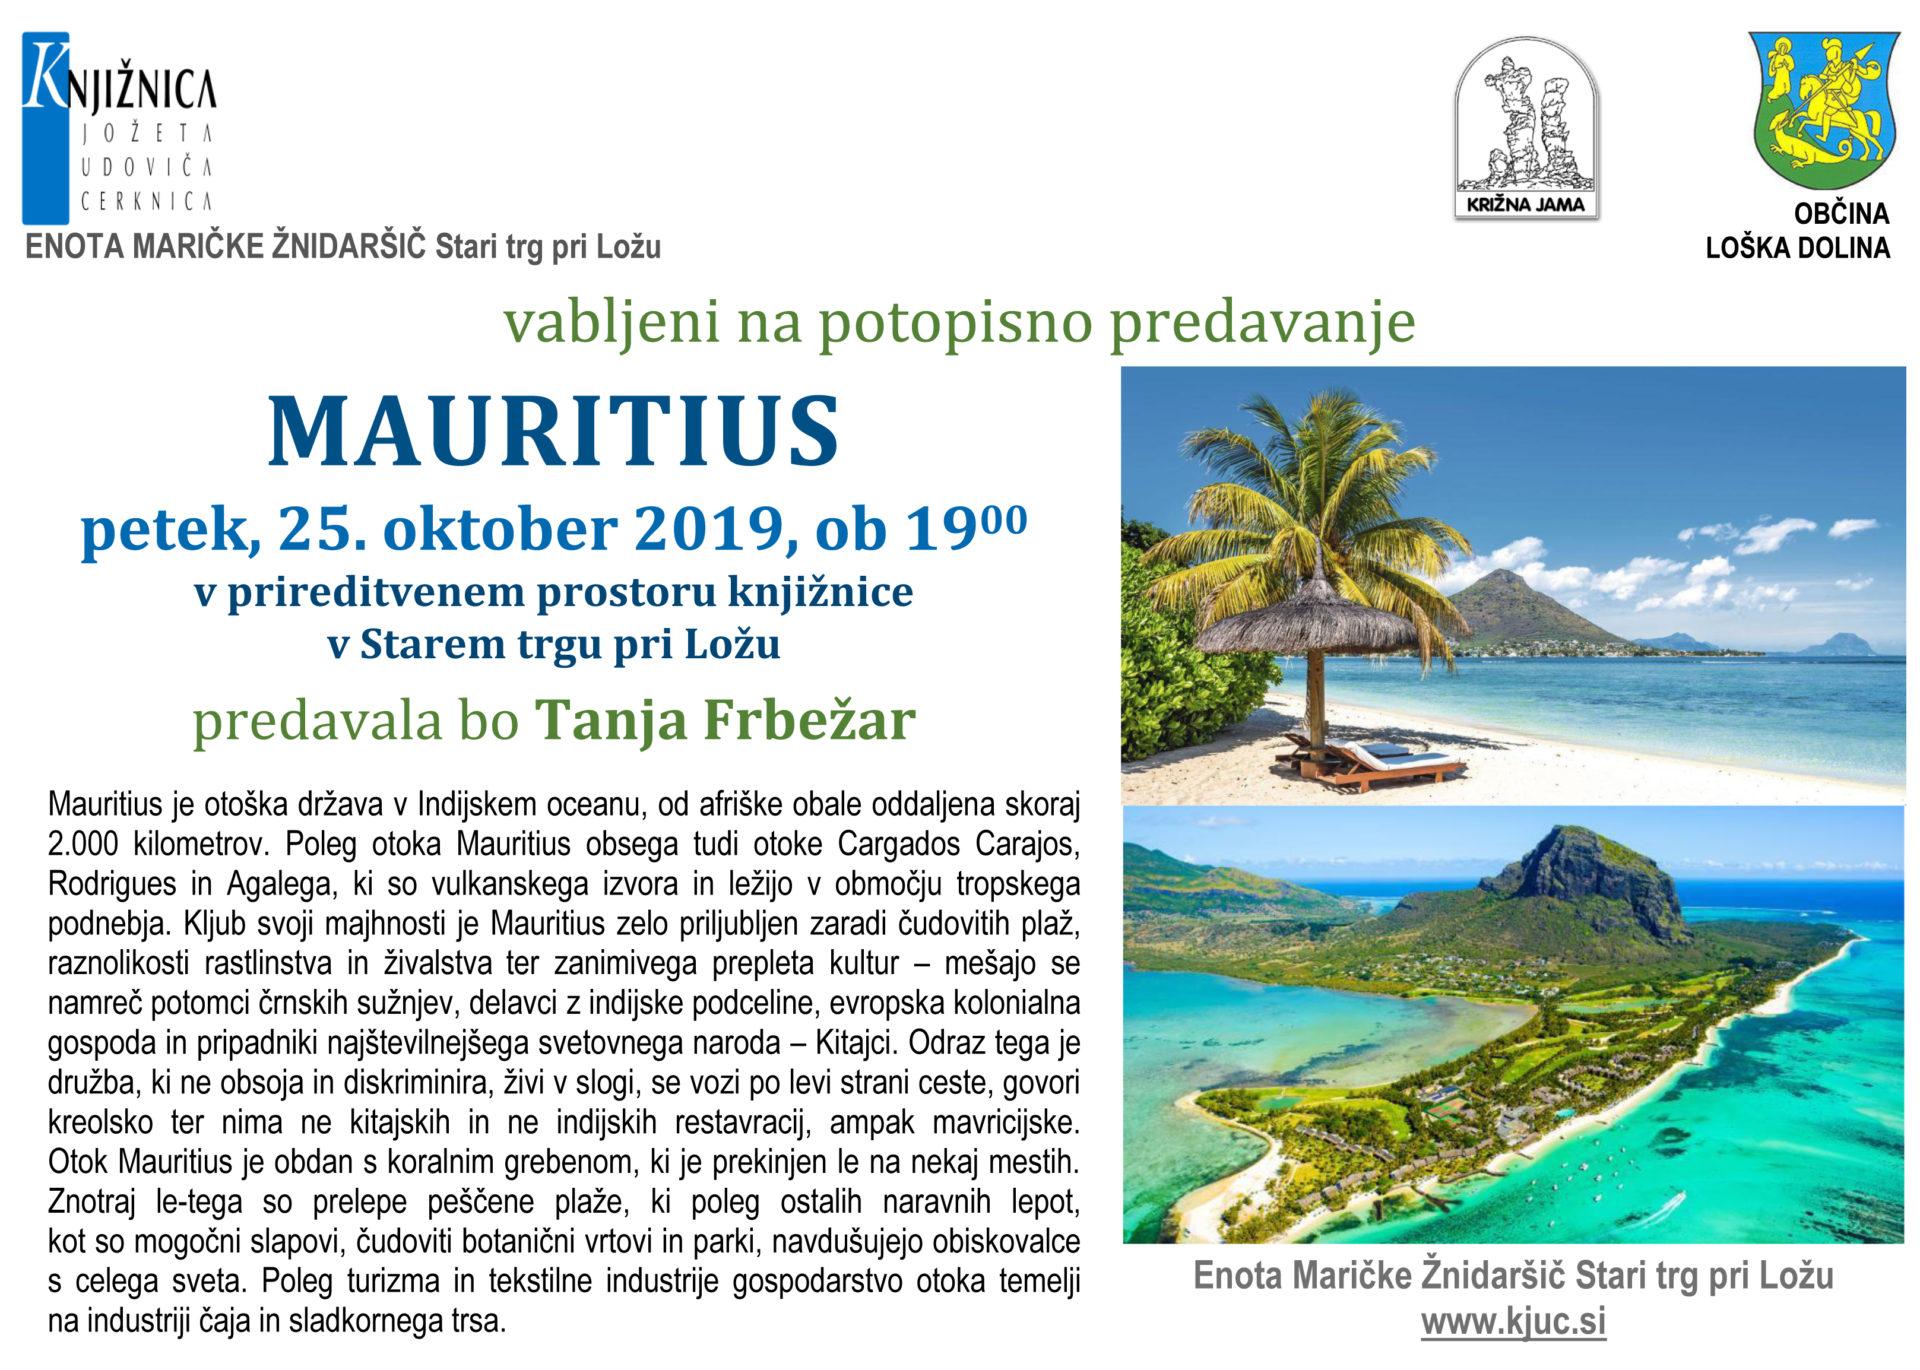 ST Frbežar Tanja okt 2019 Mauritius - Tanja Frbežar: Mauritius - potopisno predavanje